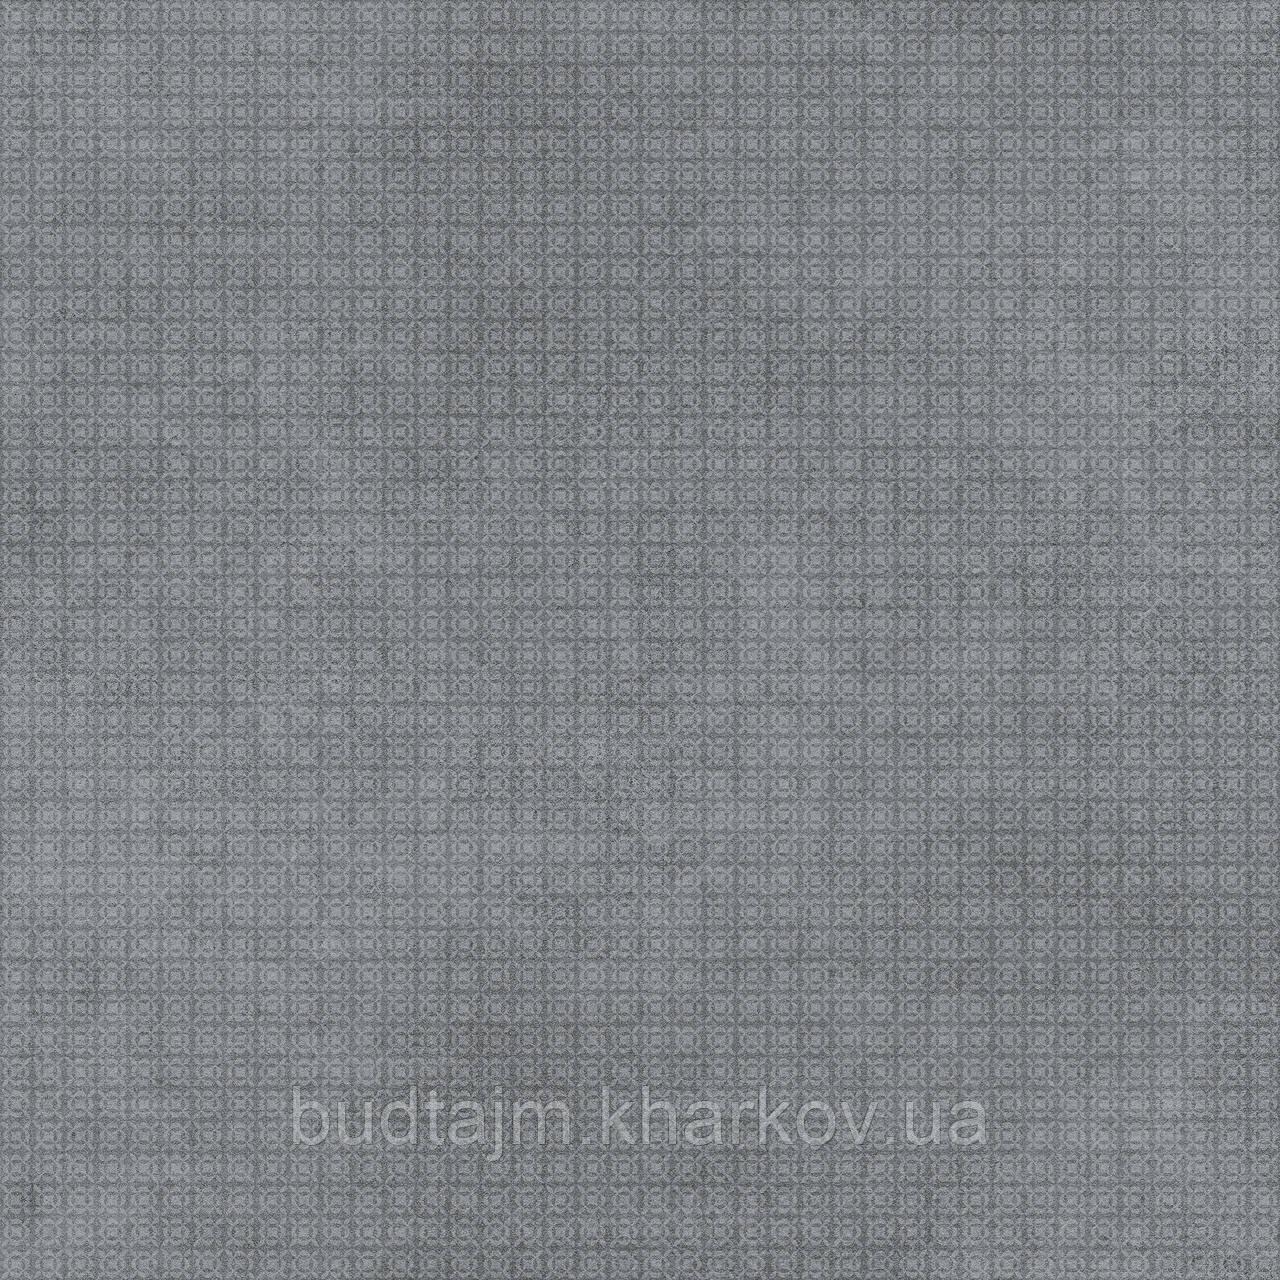 40х40 Керамическая плитка пол Moderno  Модерно серый